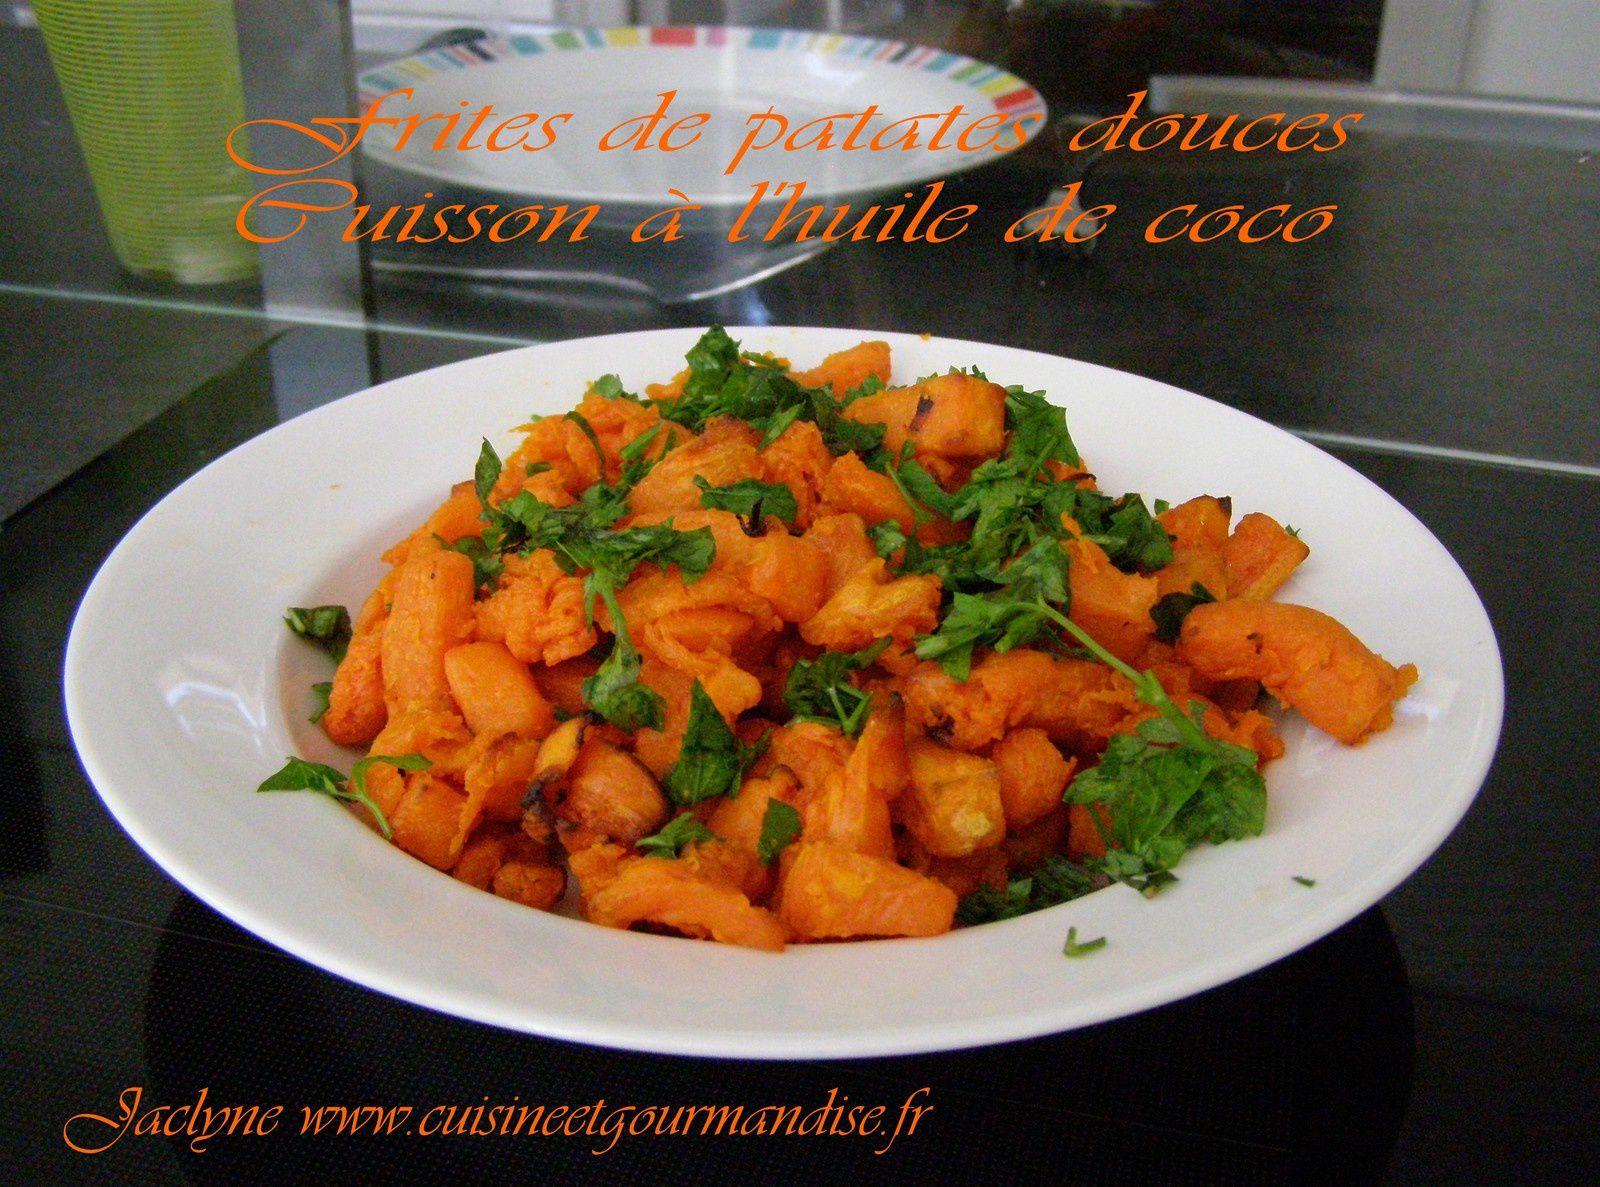 Frites de patates douces, cuisson à l'huile de noix de coco IG bas Jaclyne www.cuisineetgourmandise.fr